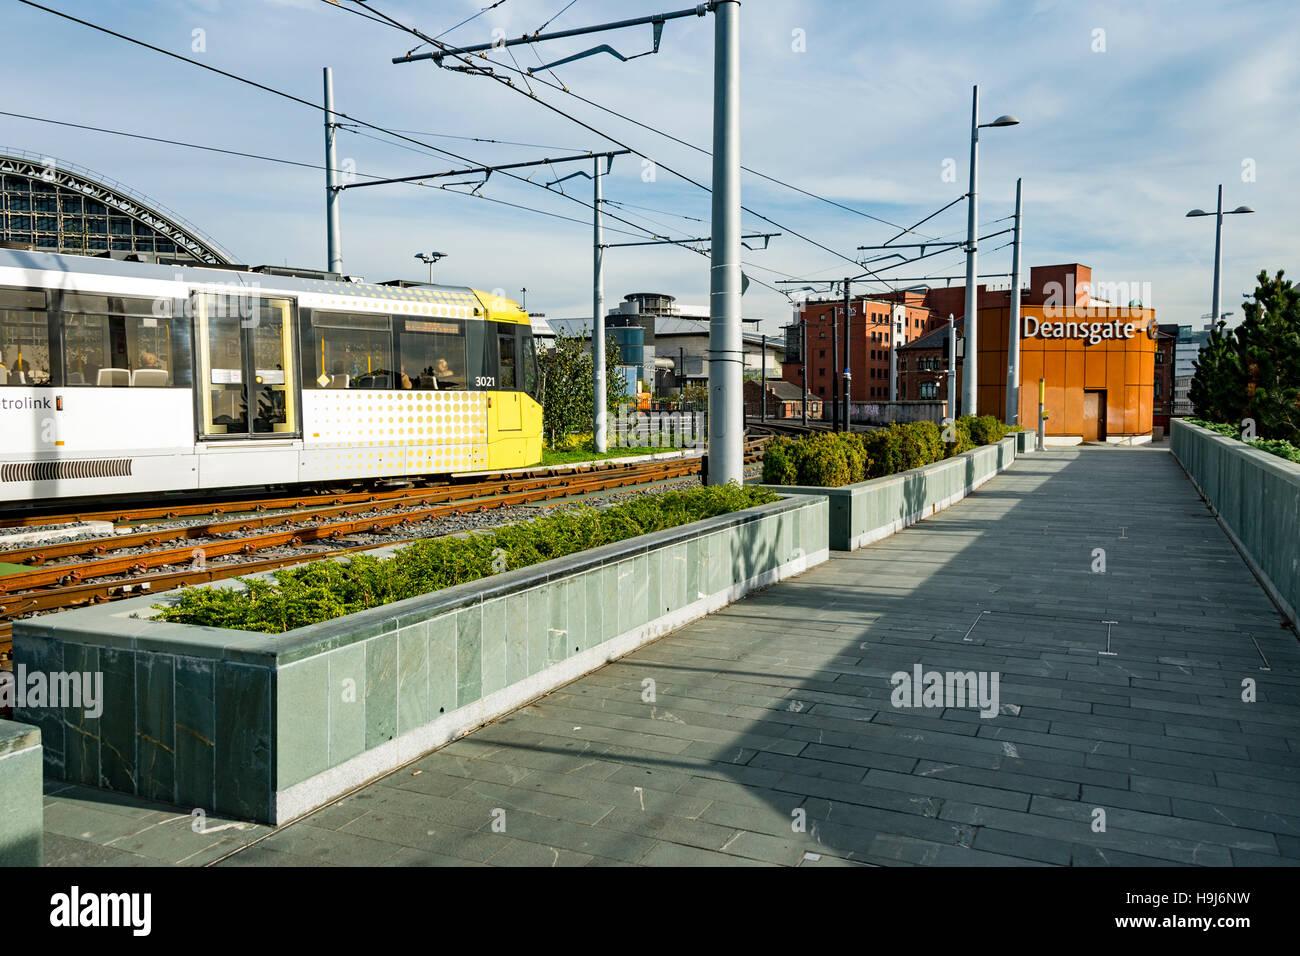 Parterres de tramway et aménagement paysager à l'arrêt de tramway Deansgate-Castlefield, Manchester, Photo Stock